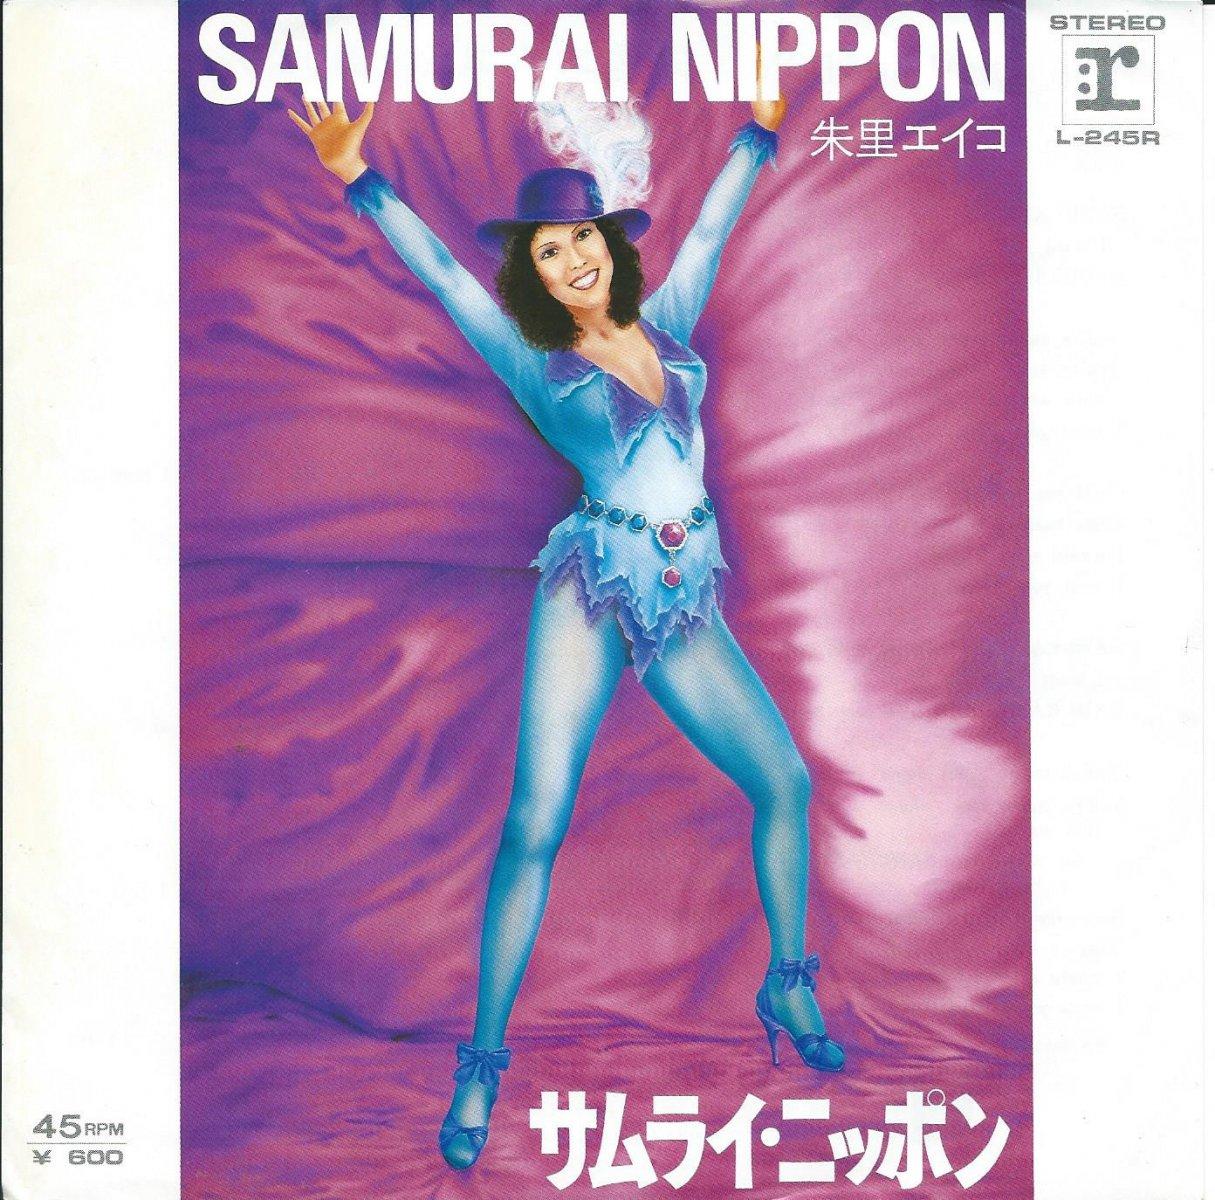 朱里エイコ EIKO SHURI (大野雄二) / SAMURAI NIPPON / サムライ・ニッポン (7